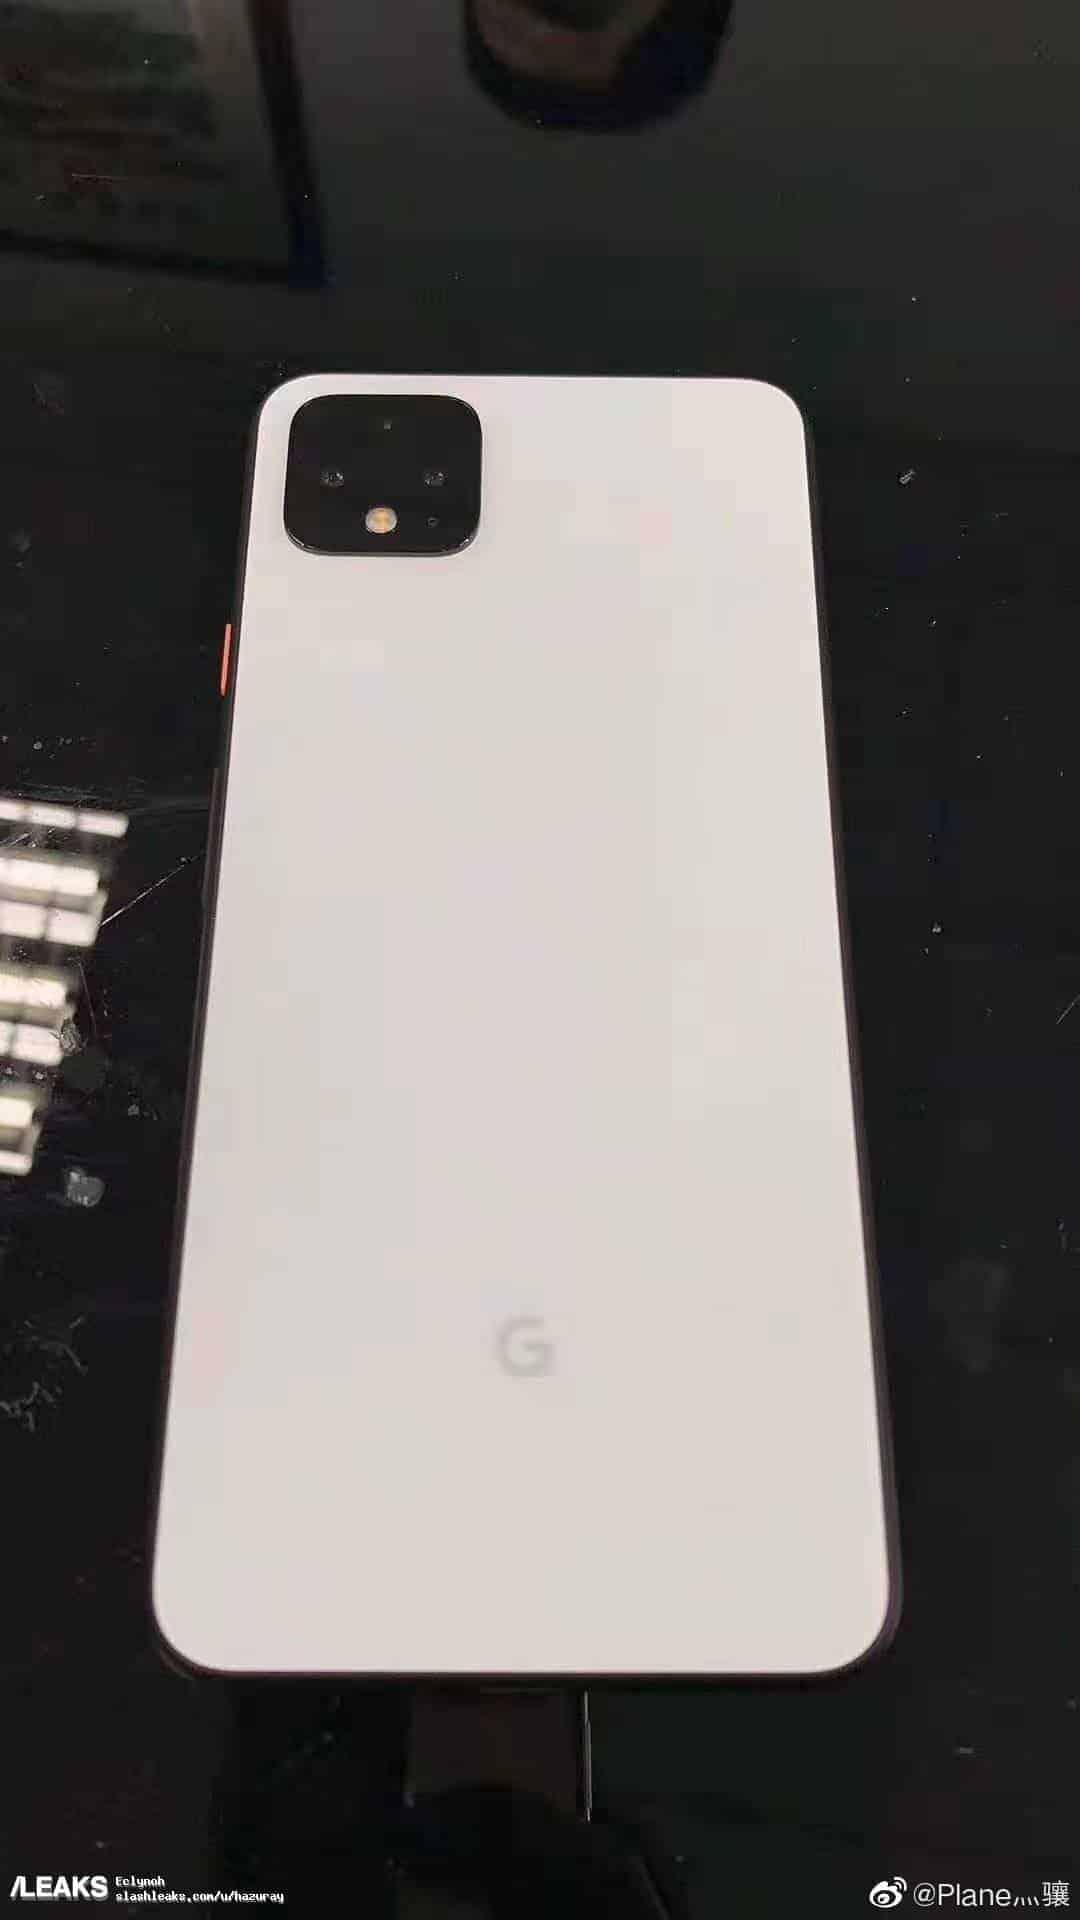 White Google Pixel 4 XL leak 4